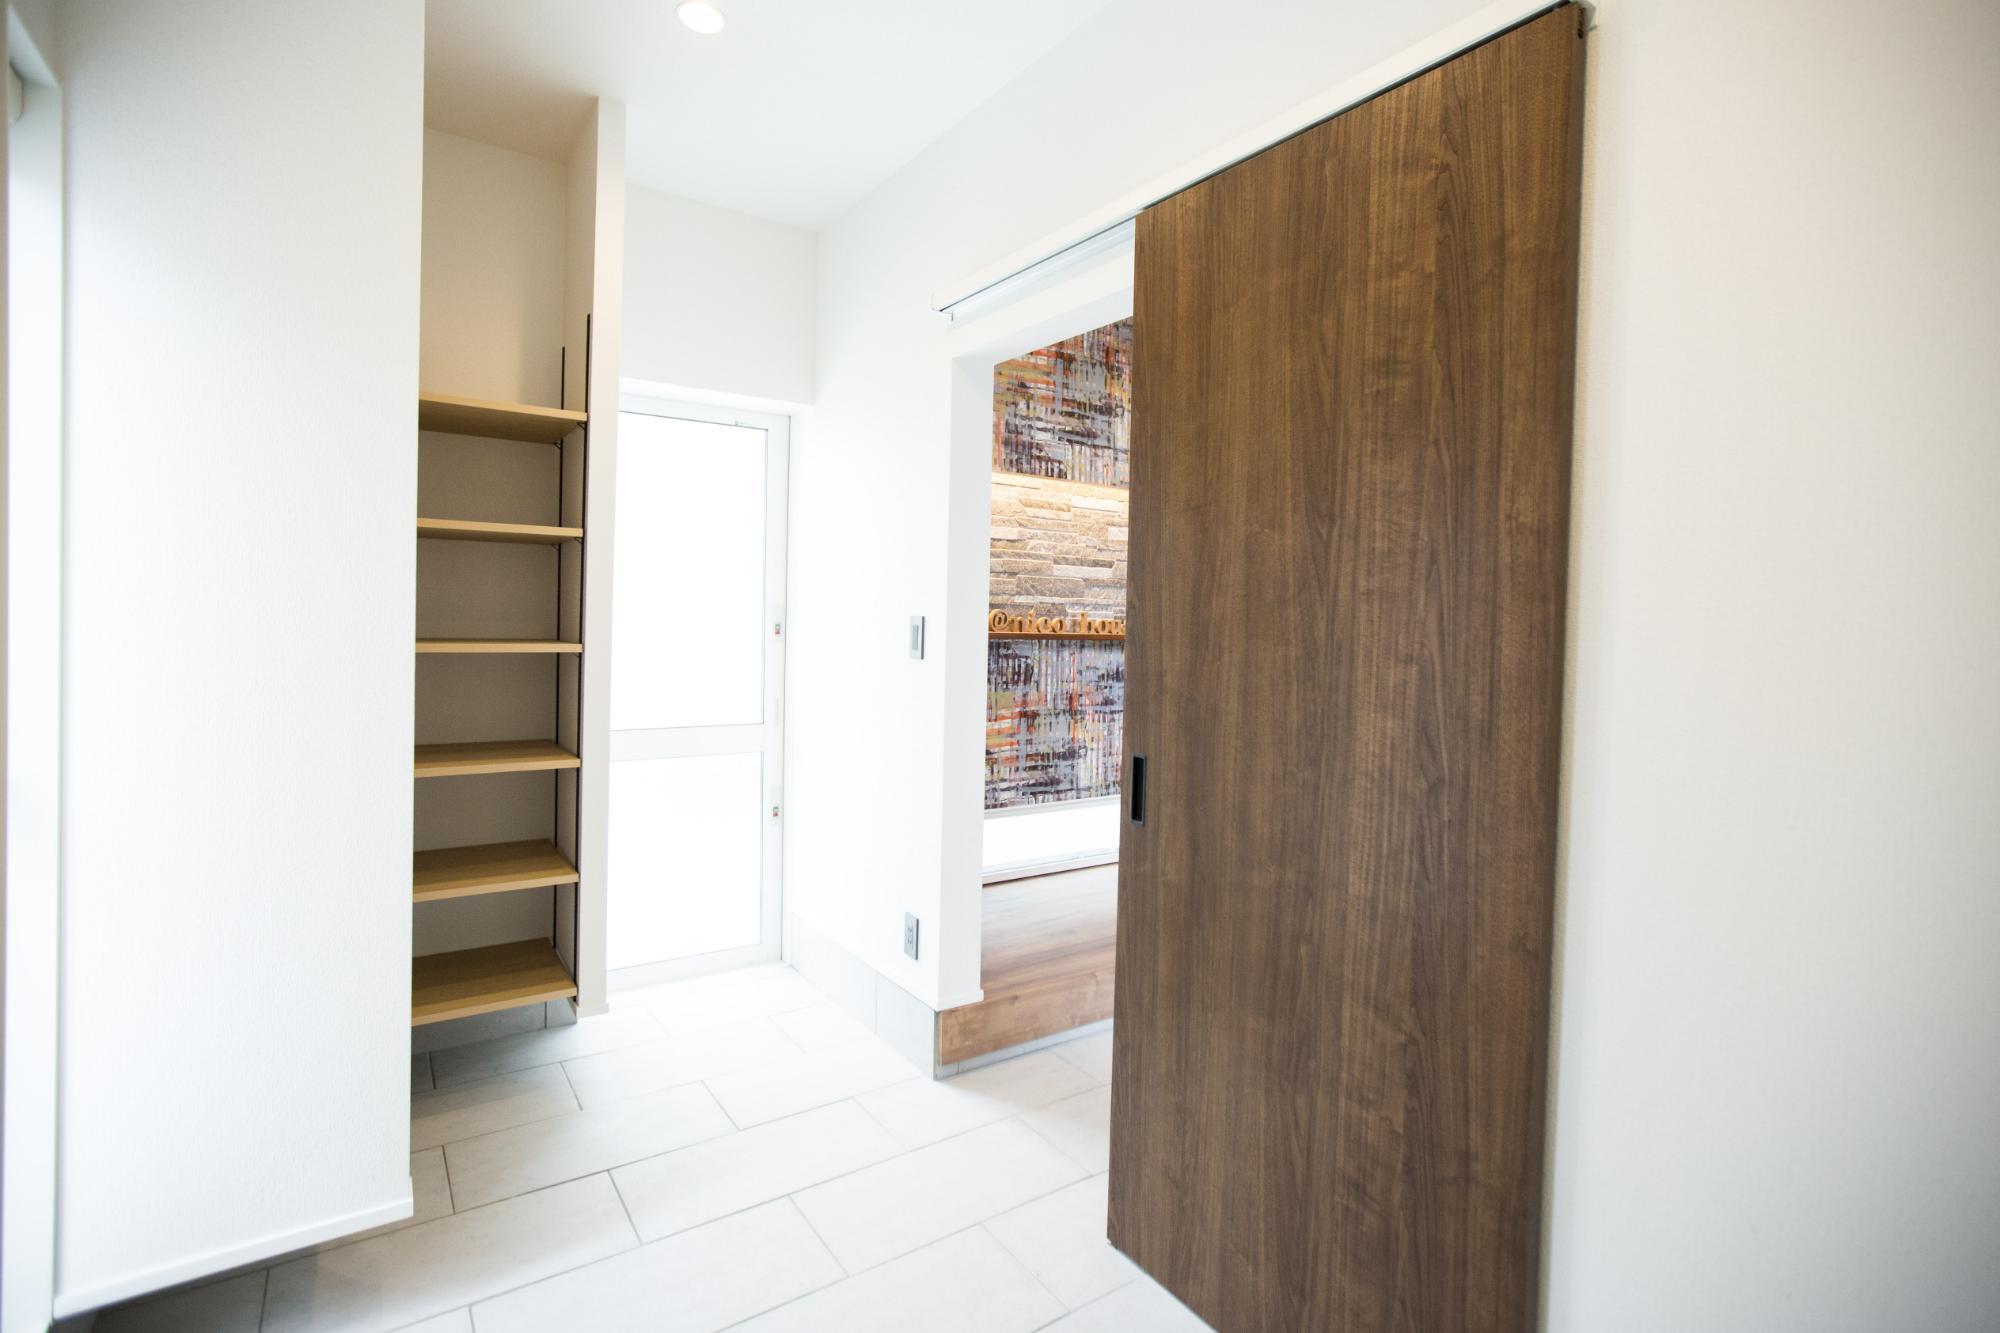 ニコハウス株式会社「ゆとり空間とこだわりが詰まったスタイリッシュハウス」のシンプル・ナチュラルな玄関の実例写真